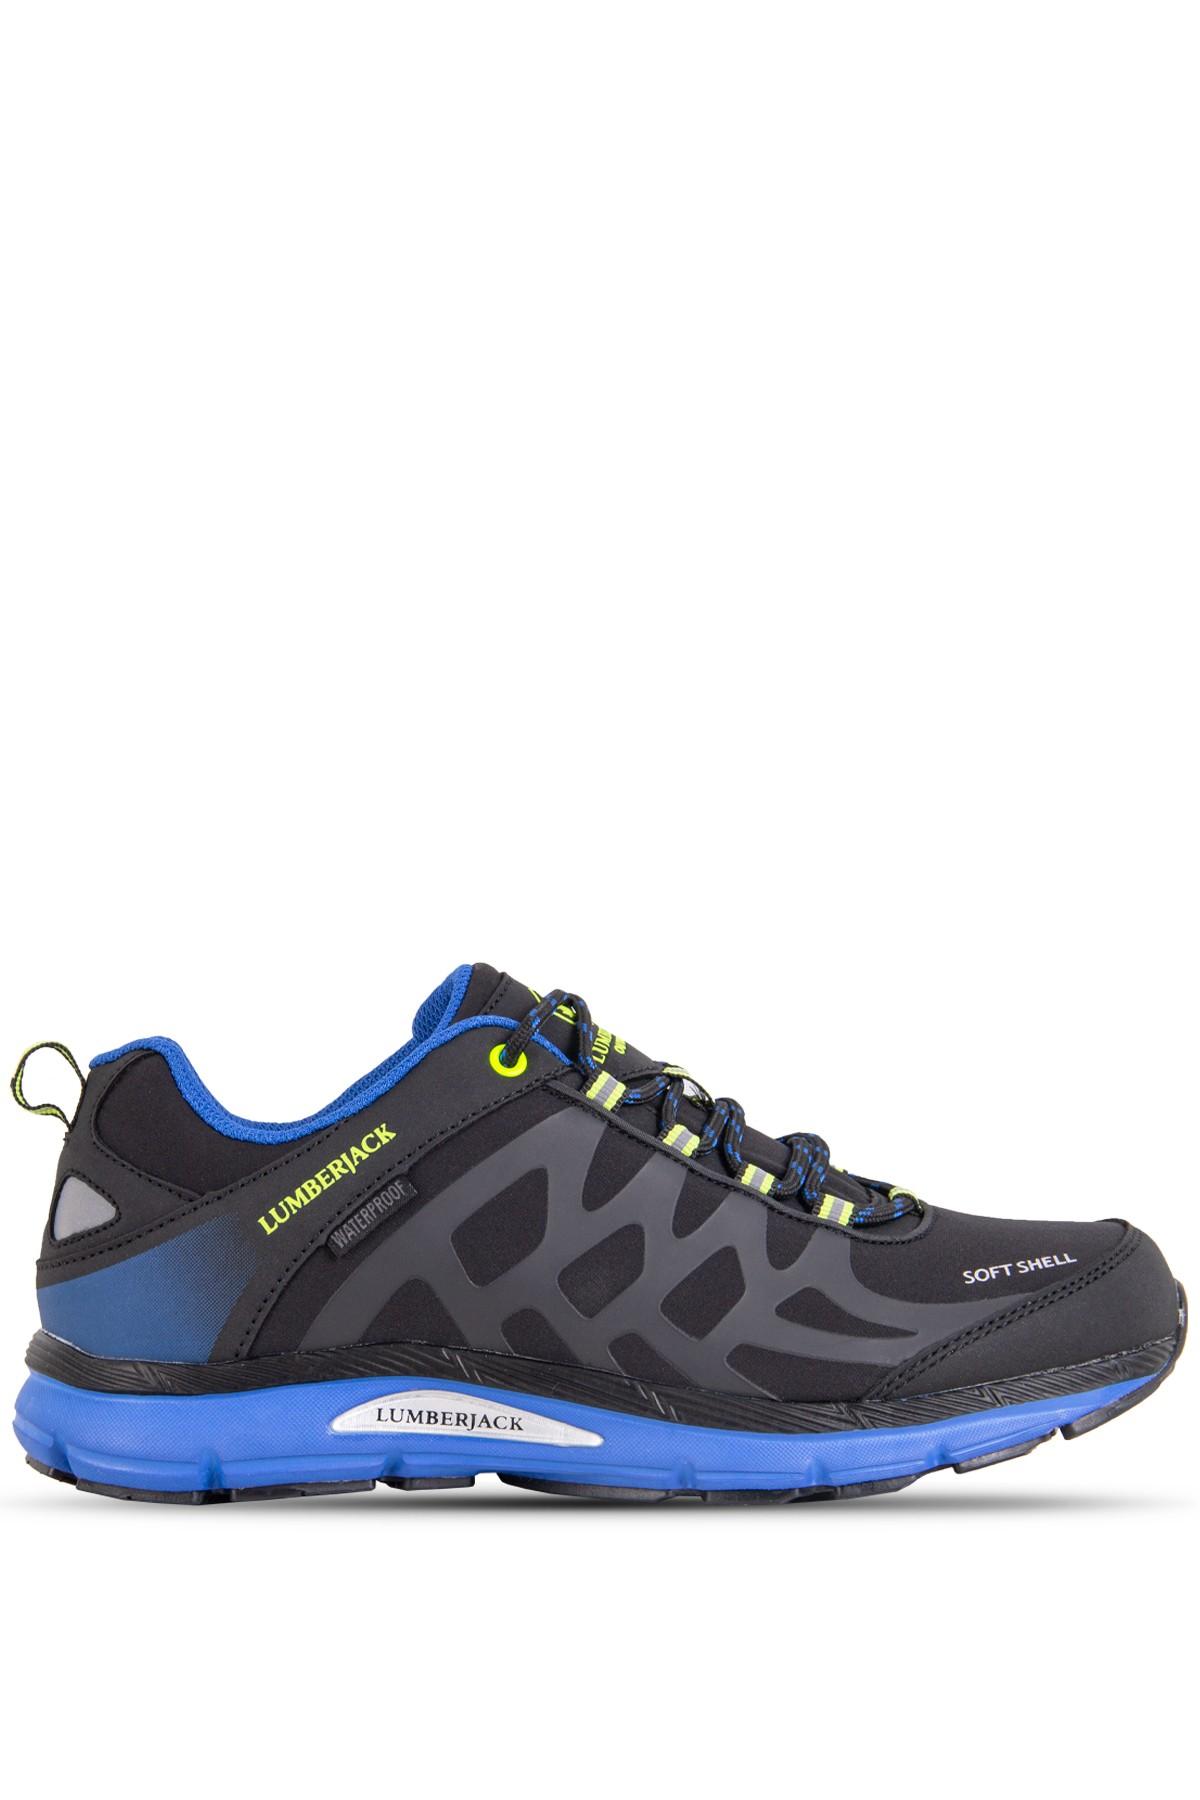 Lumberjack Erkek Siyah/Mavi Spor Ayakkabı (100420726)